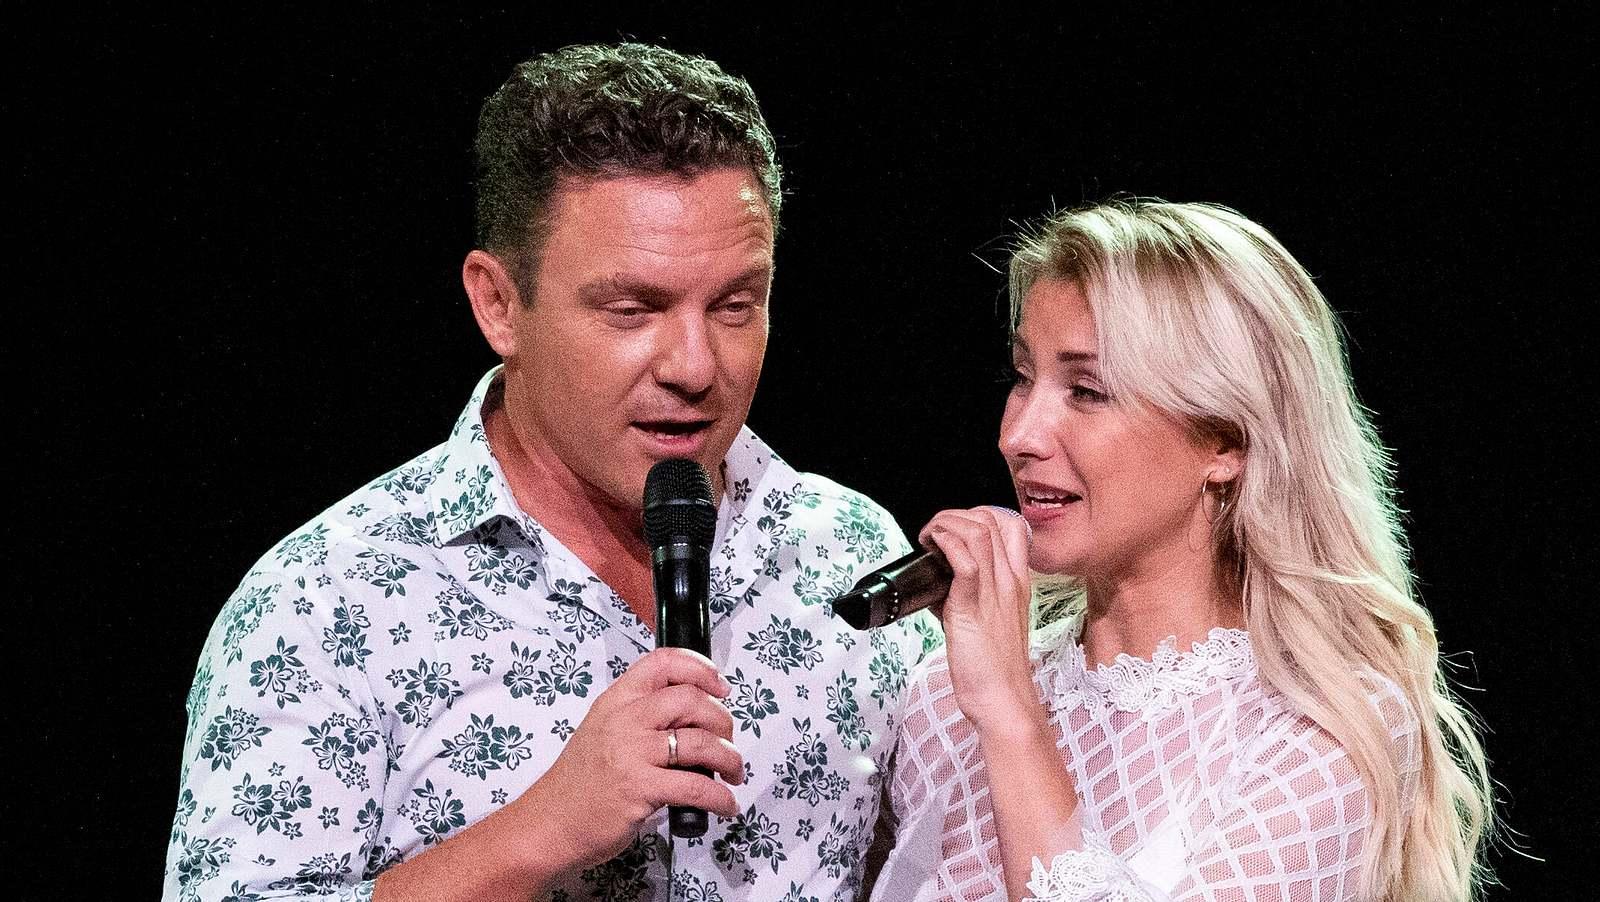 Stefan Mross & Anna-Carina Woitschack: Jetzt lassen sie die Bombe platzen!